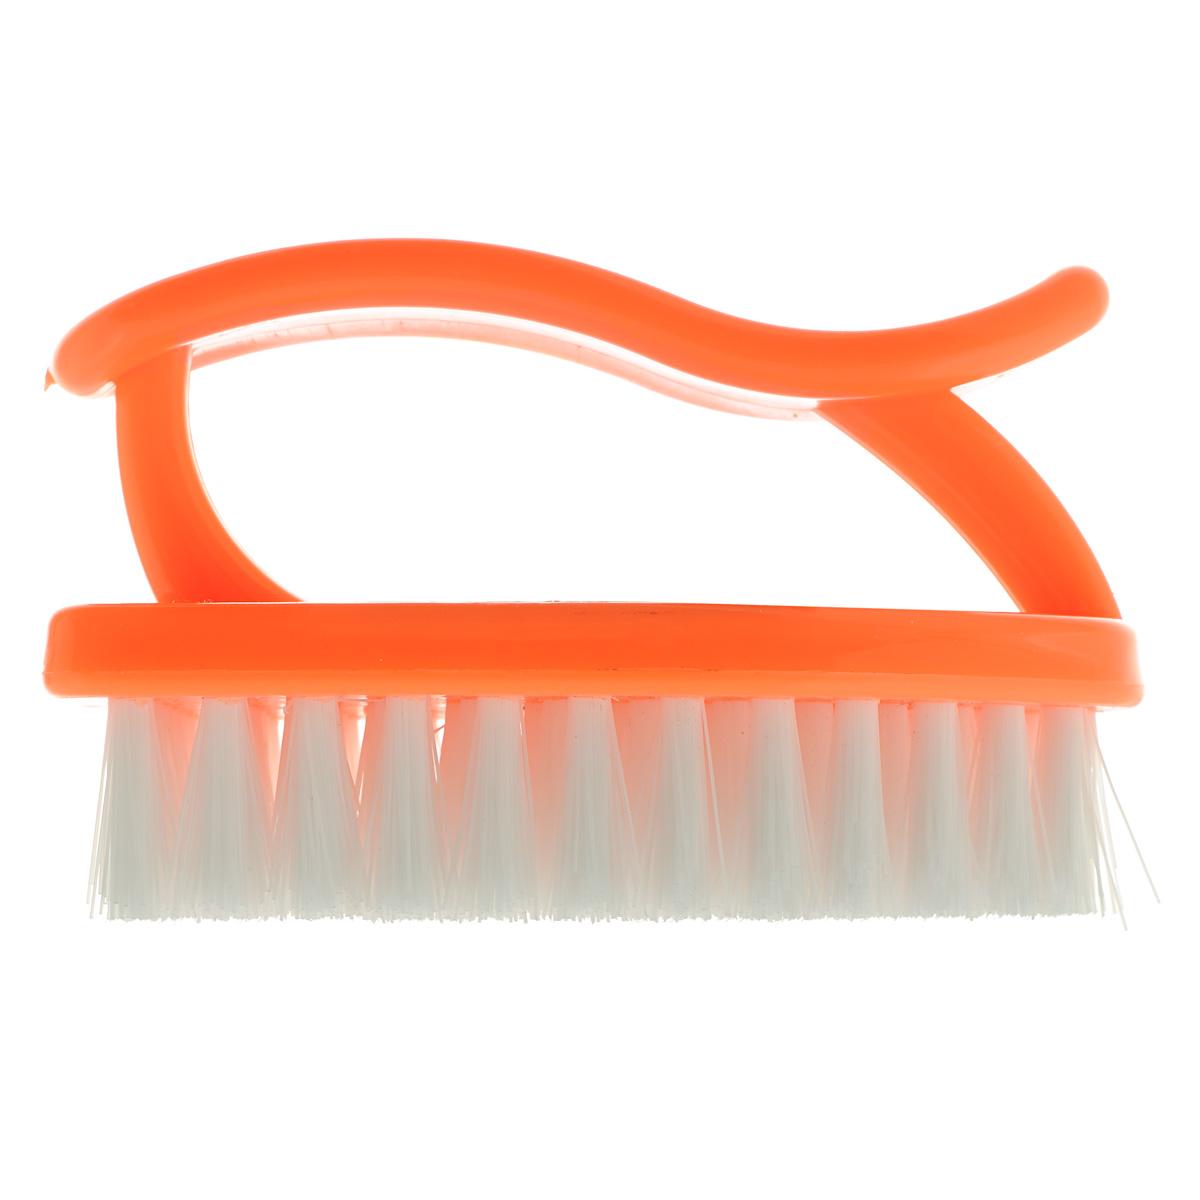 Щетка Home Queen Утюг, универсальная, цвет: оранжевый. 8989Щетка Home Queen Утюг, выполненная из полипропилена, является универсальной щеткой для очистки поверхностей ванной комнаты и кухни. Изделие оснащено удобной ручкой.Длина щетины: 2 см.